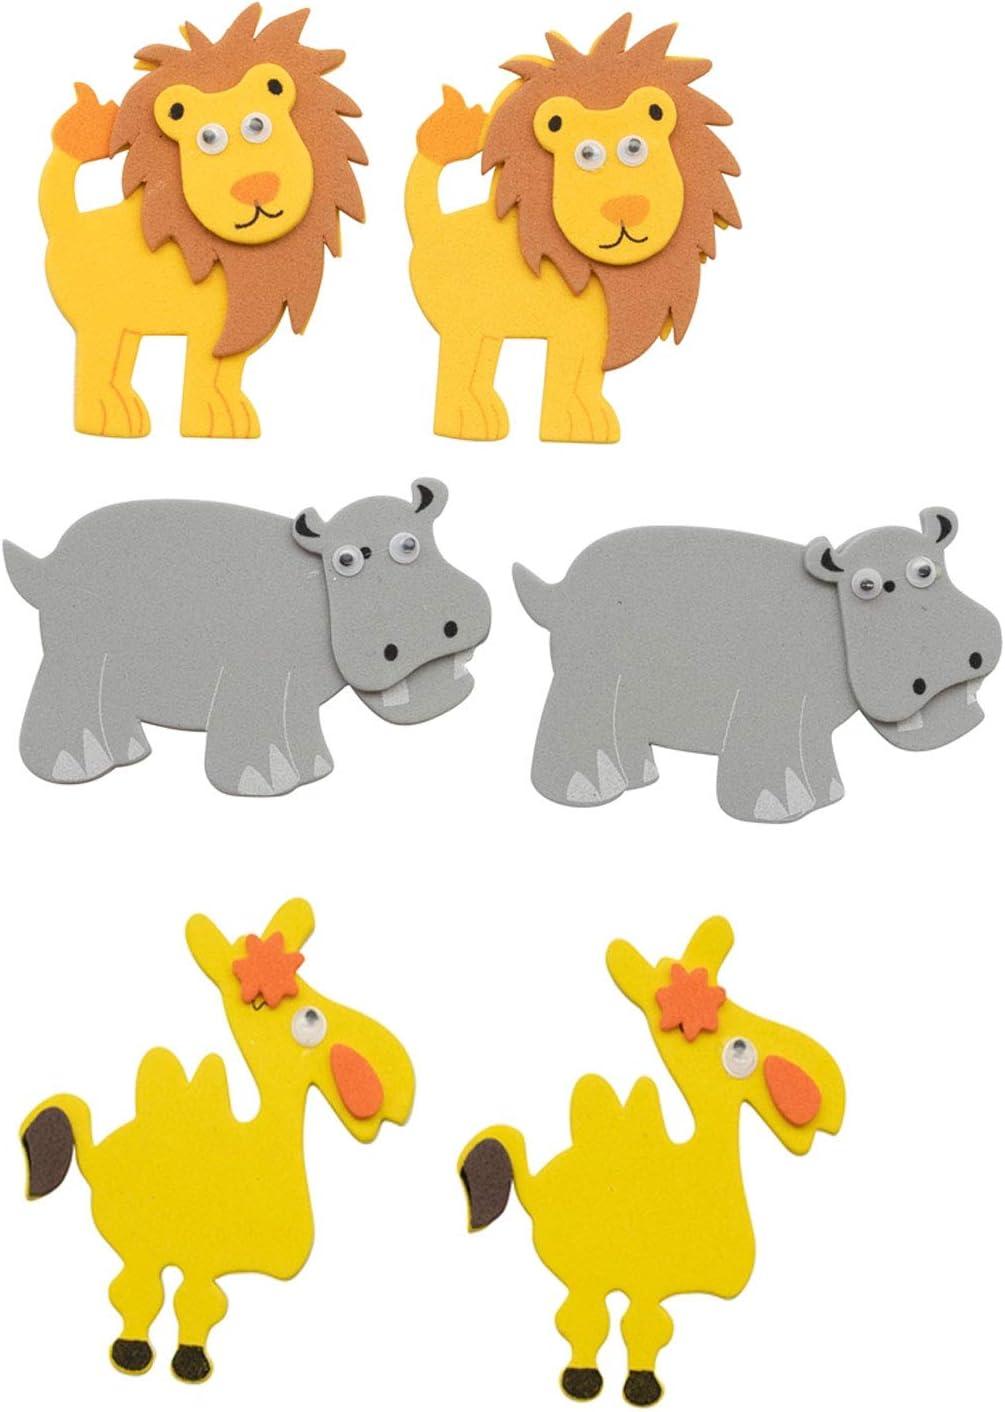 f/ür Scrapbooking 12 St/ück ideal zum Verzieren und Dekorieren von Gru/ßkarten selbstklebend usw. Glorex 6 2247 700 Moosgummi Sticker Afrika 1 sortiert in verschiedenen Motiven